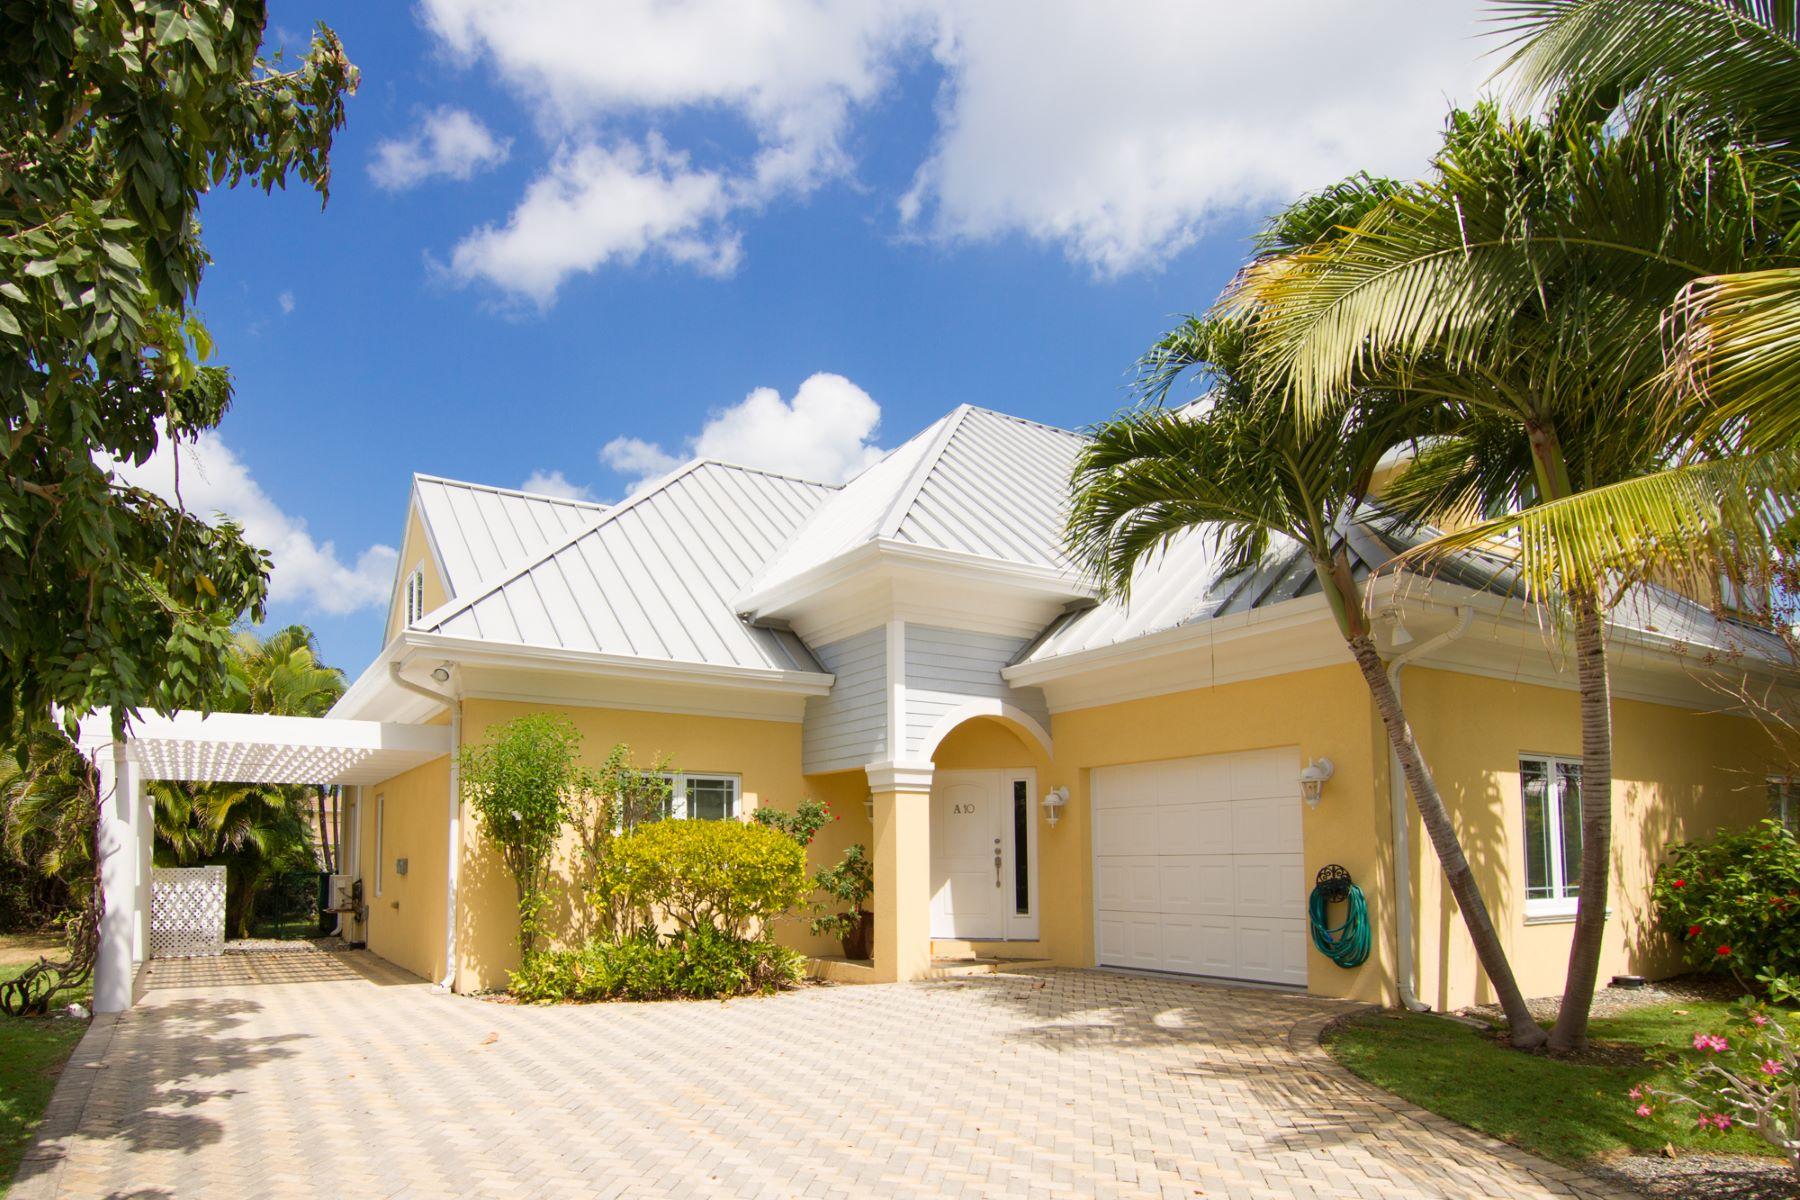 独户住宅 为 销售 在 Savannah Grand Family Home 开曼群岛其他地方, 开曼群岛